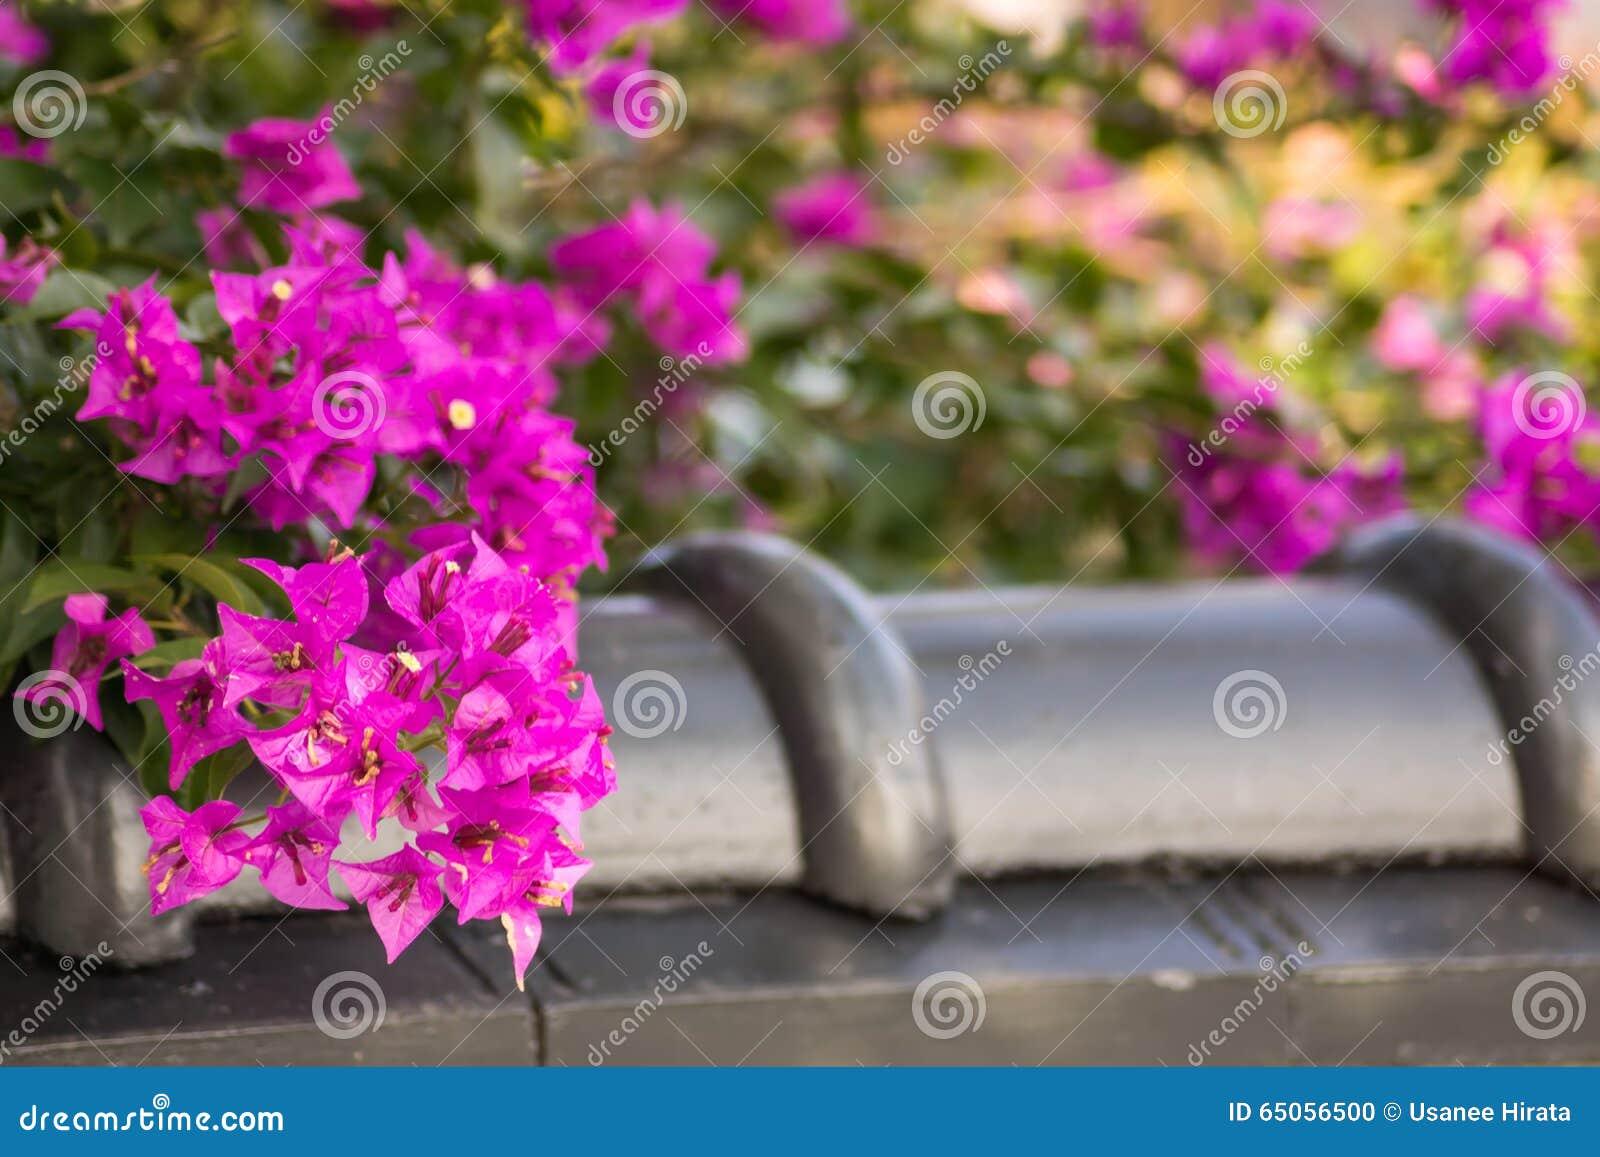 Flor hermosa del bougainvillea